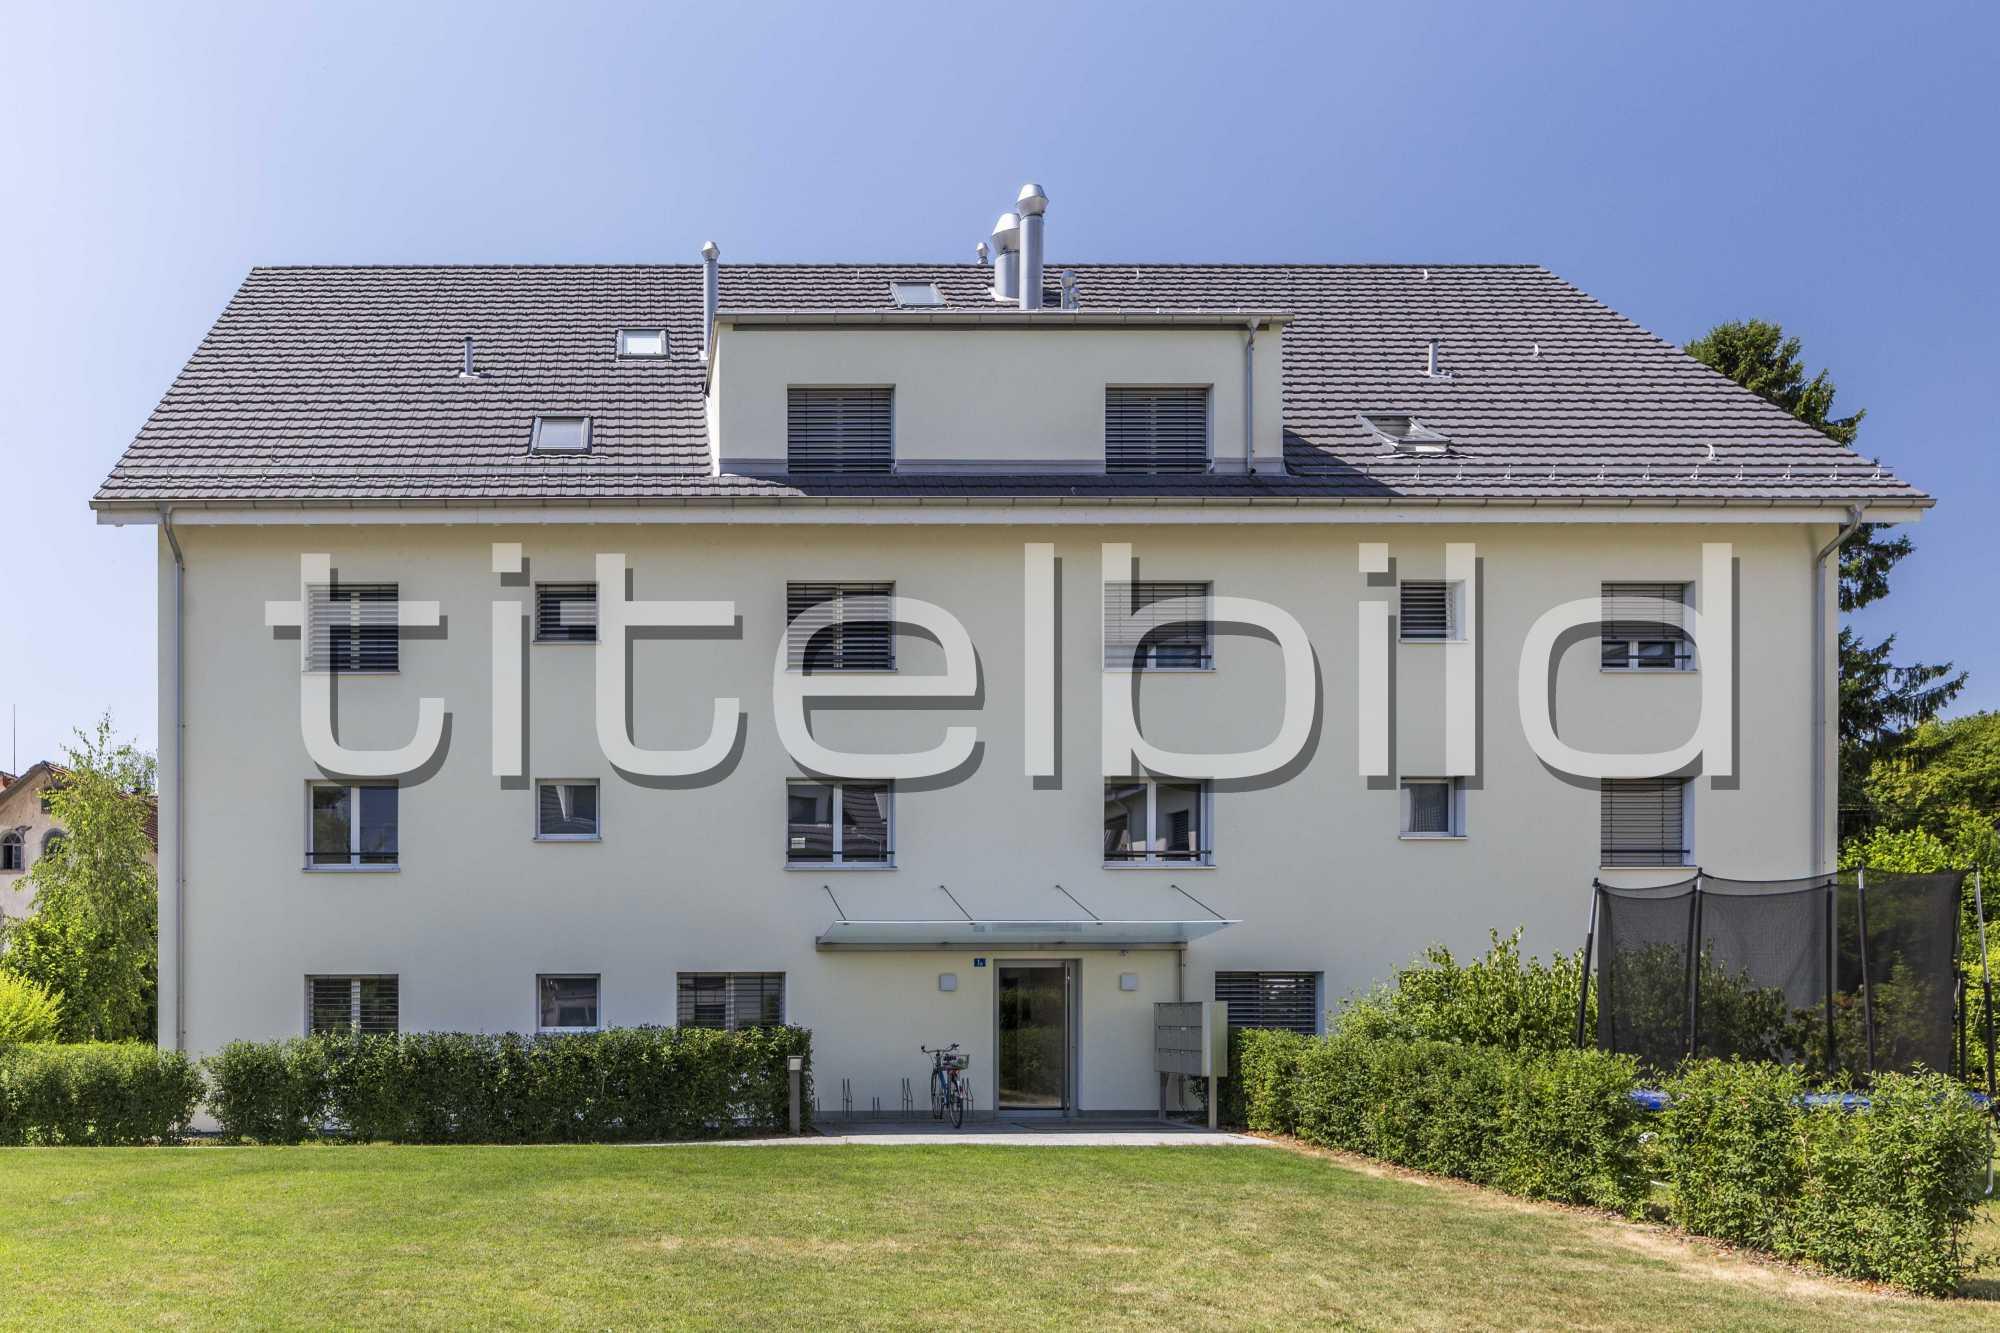 Projektbild-Nr. 3: Wohnen im Dorfzentrum Adlerweg